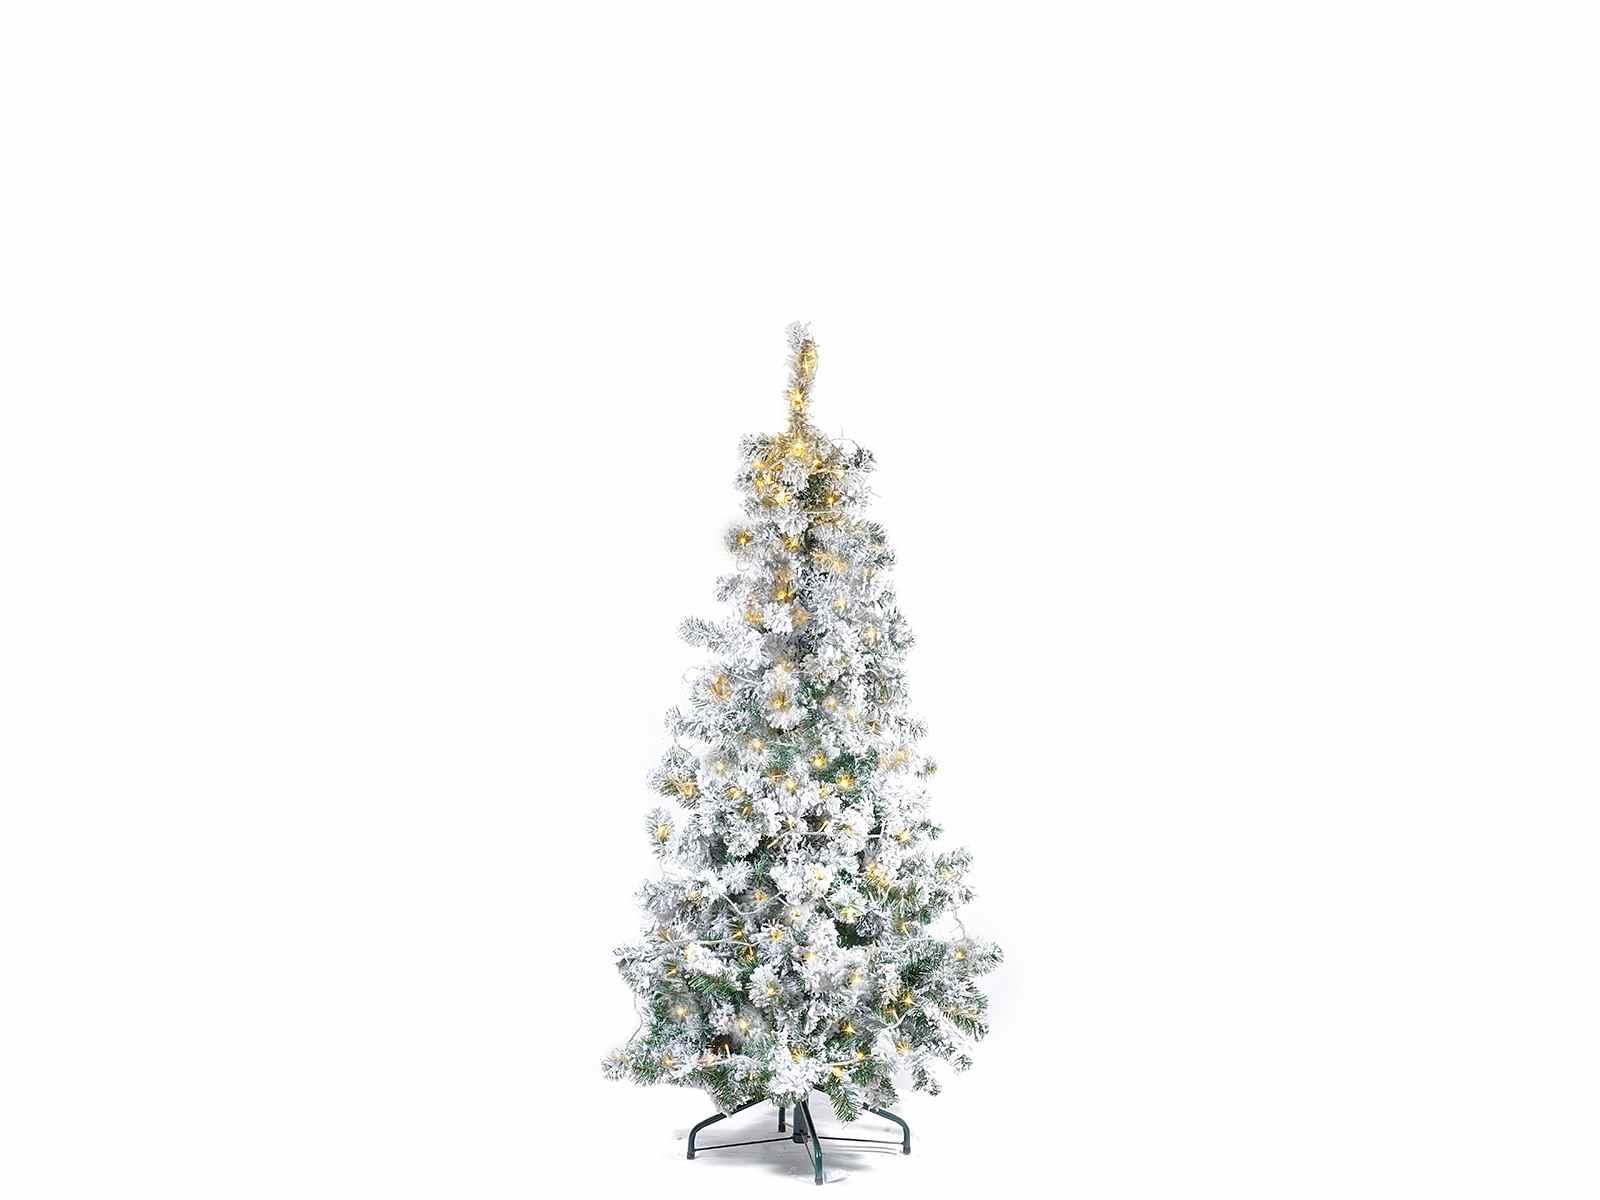 Grossiste Deco De Noel Great Suite Noel Decoration Crme